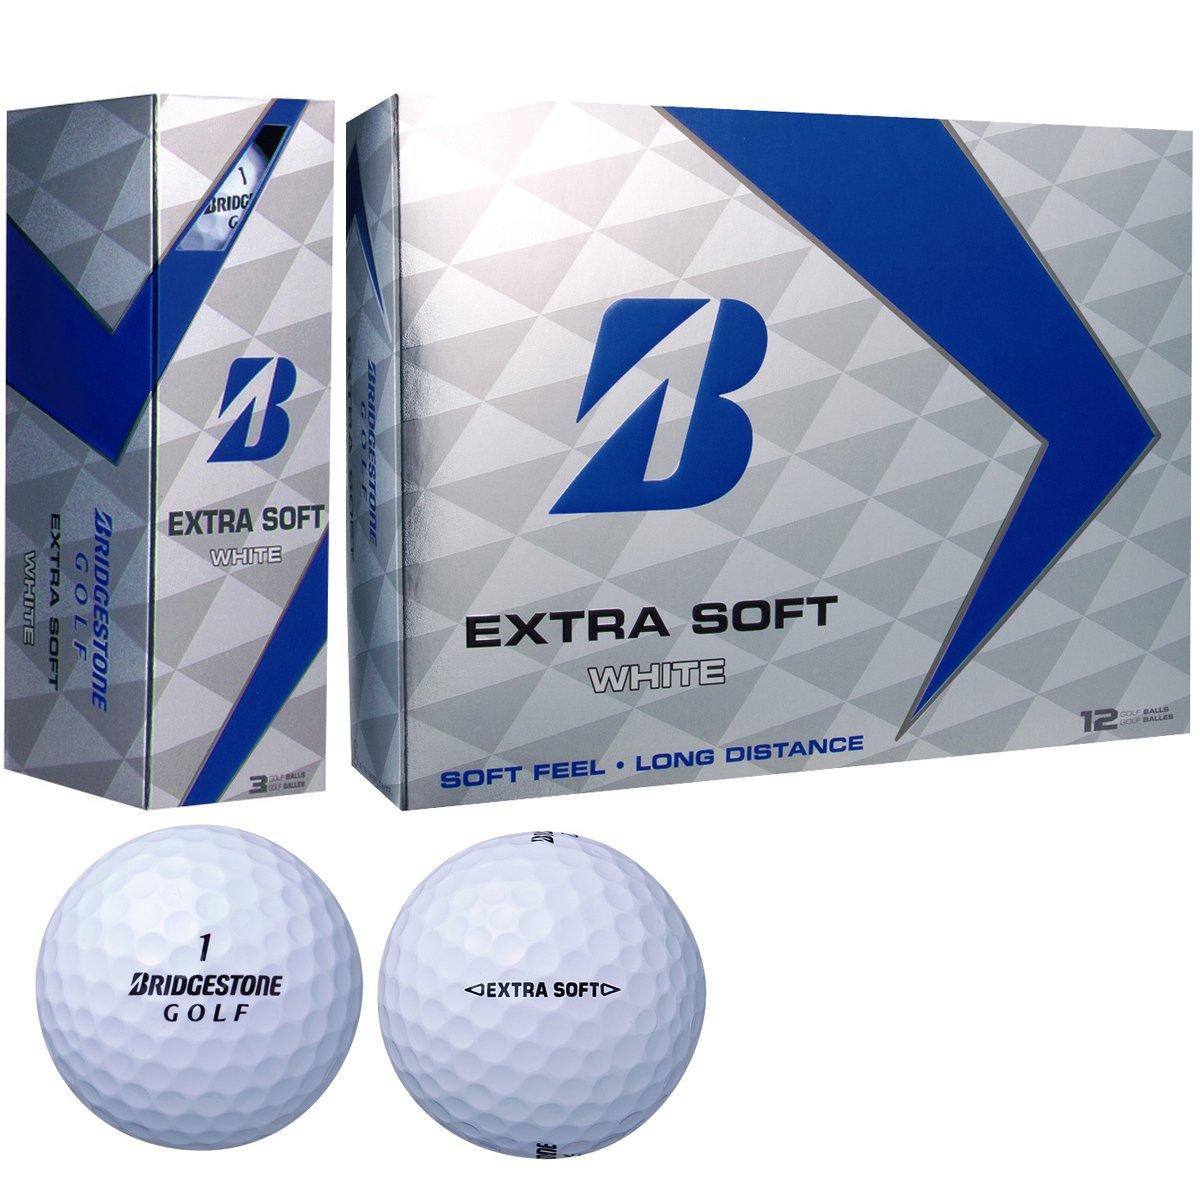 ブリヂストン EXTRA SOFT ボール エクストラソフト ボール 2017年モデル 5ダースセット 5ダース(60個入り) B06Y568NC8  ホワイト